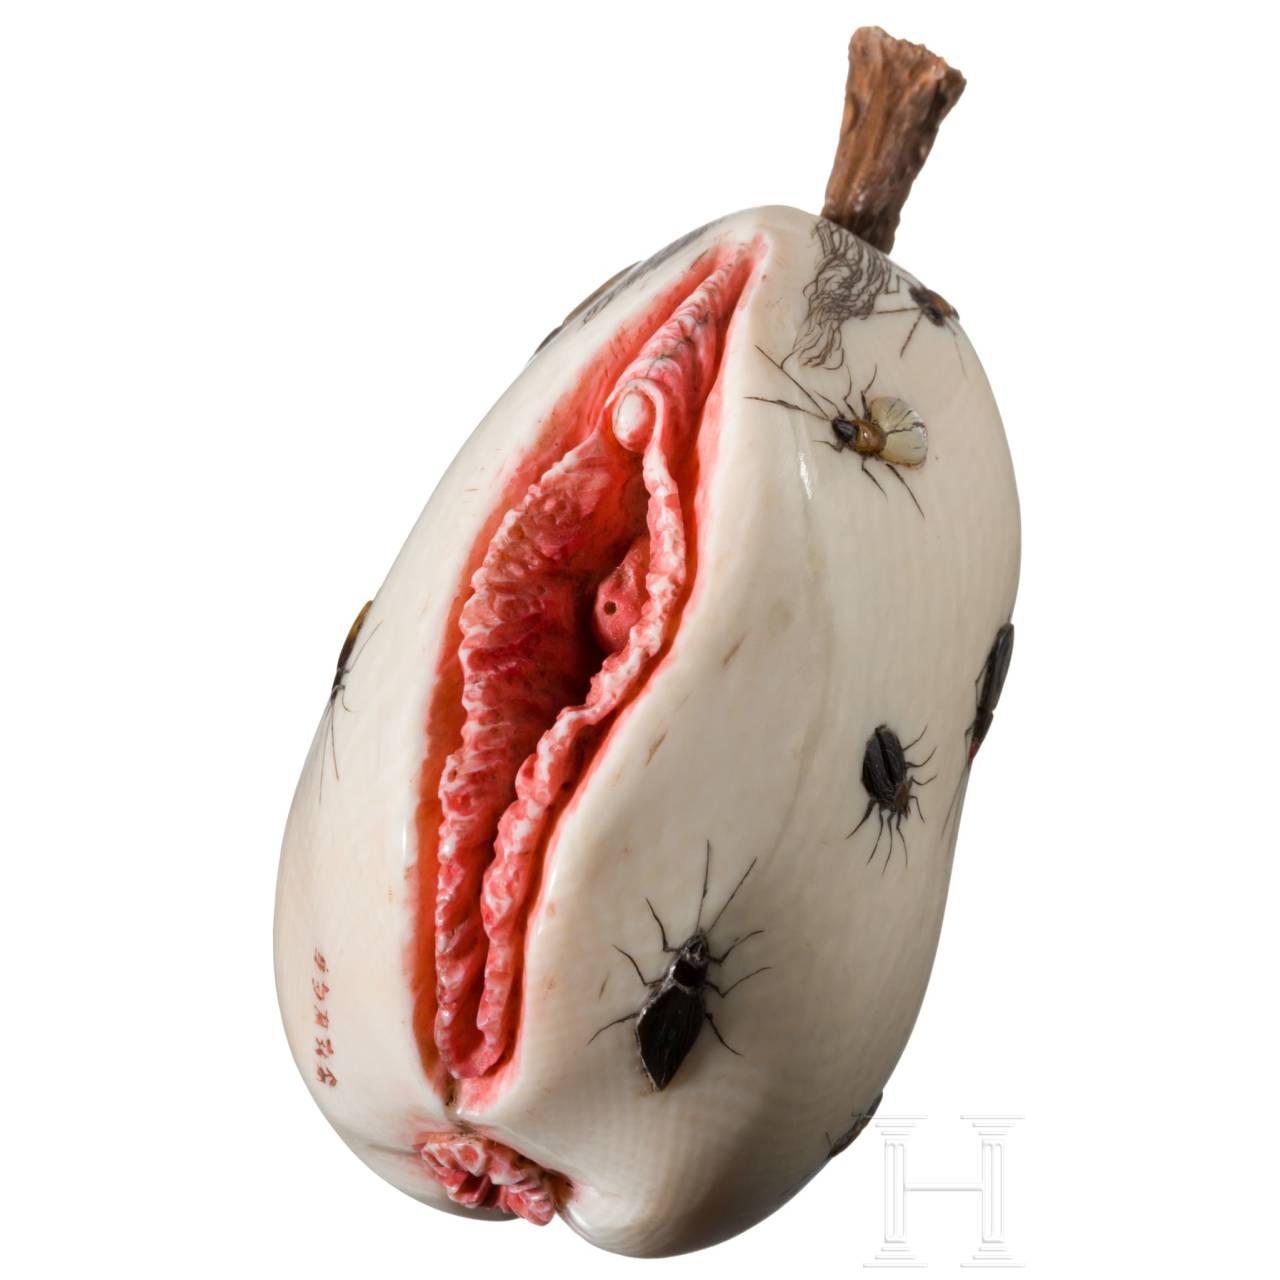 Signiertes Shibayama Zaiku in Form einer Frucht, diese stellt eine Vulva mit Anus dar, Japan, spätes 19. Jhdt.